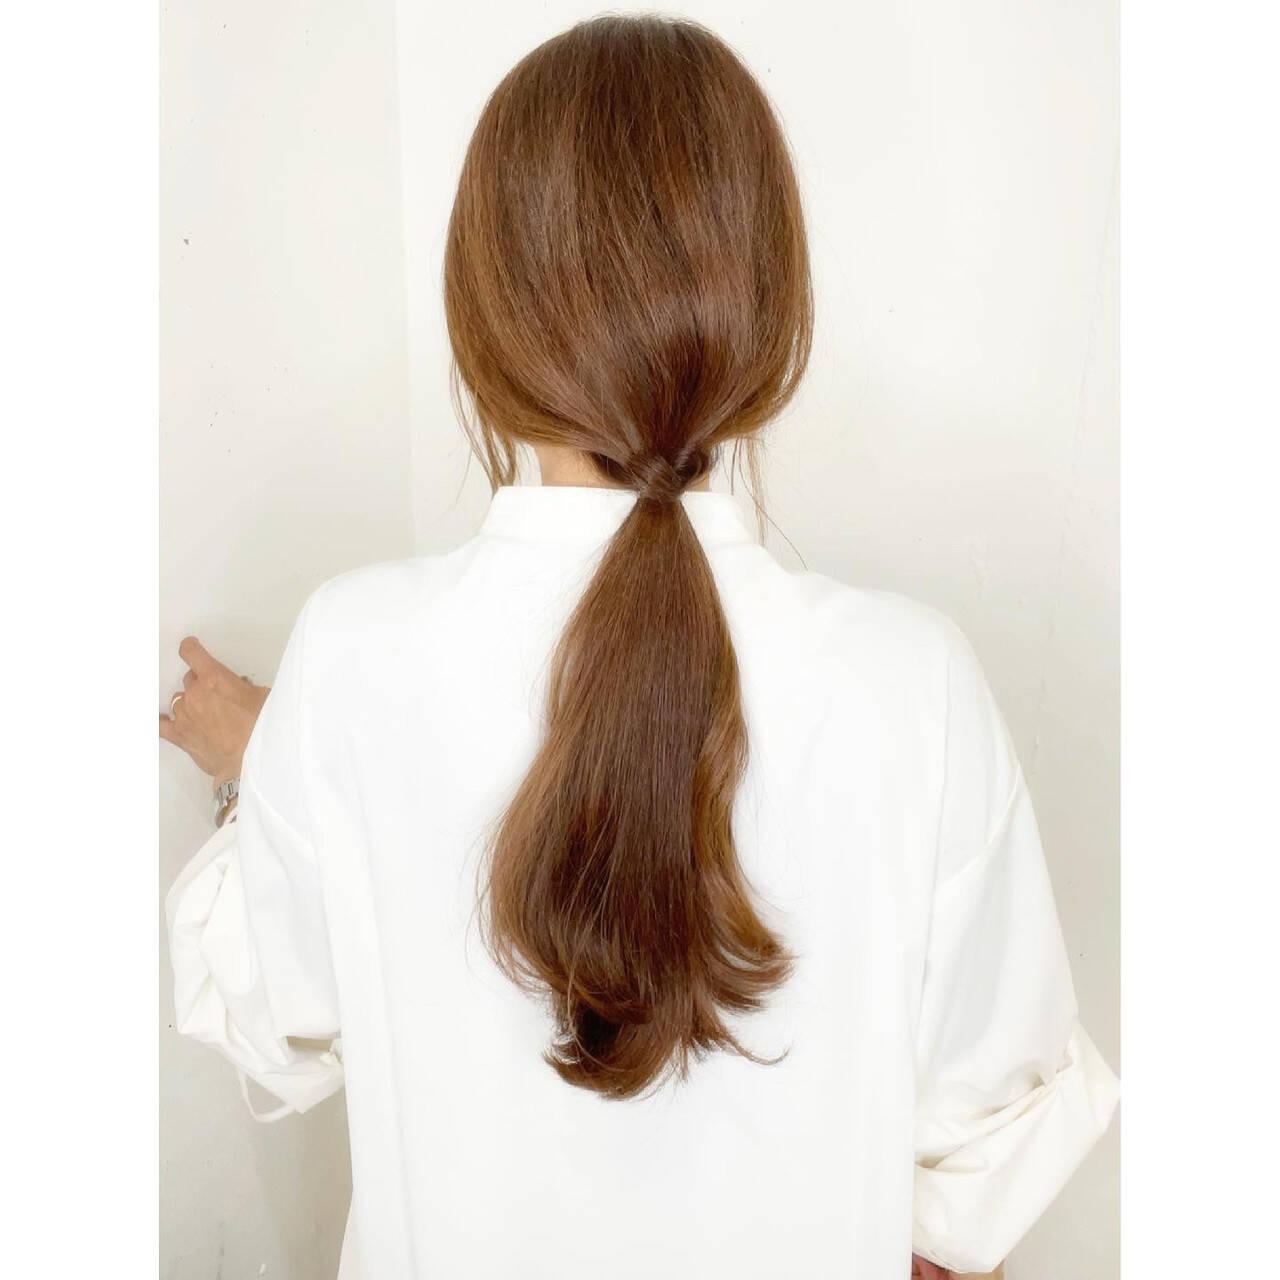 ナチュラル セルフアレンジ セルフヘアアレンジ ロングヘアスタイルや髪型の写真・画像